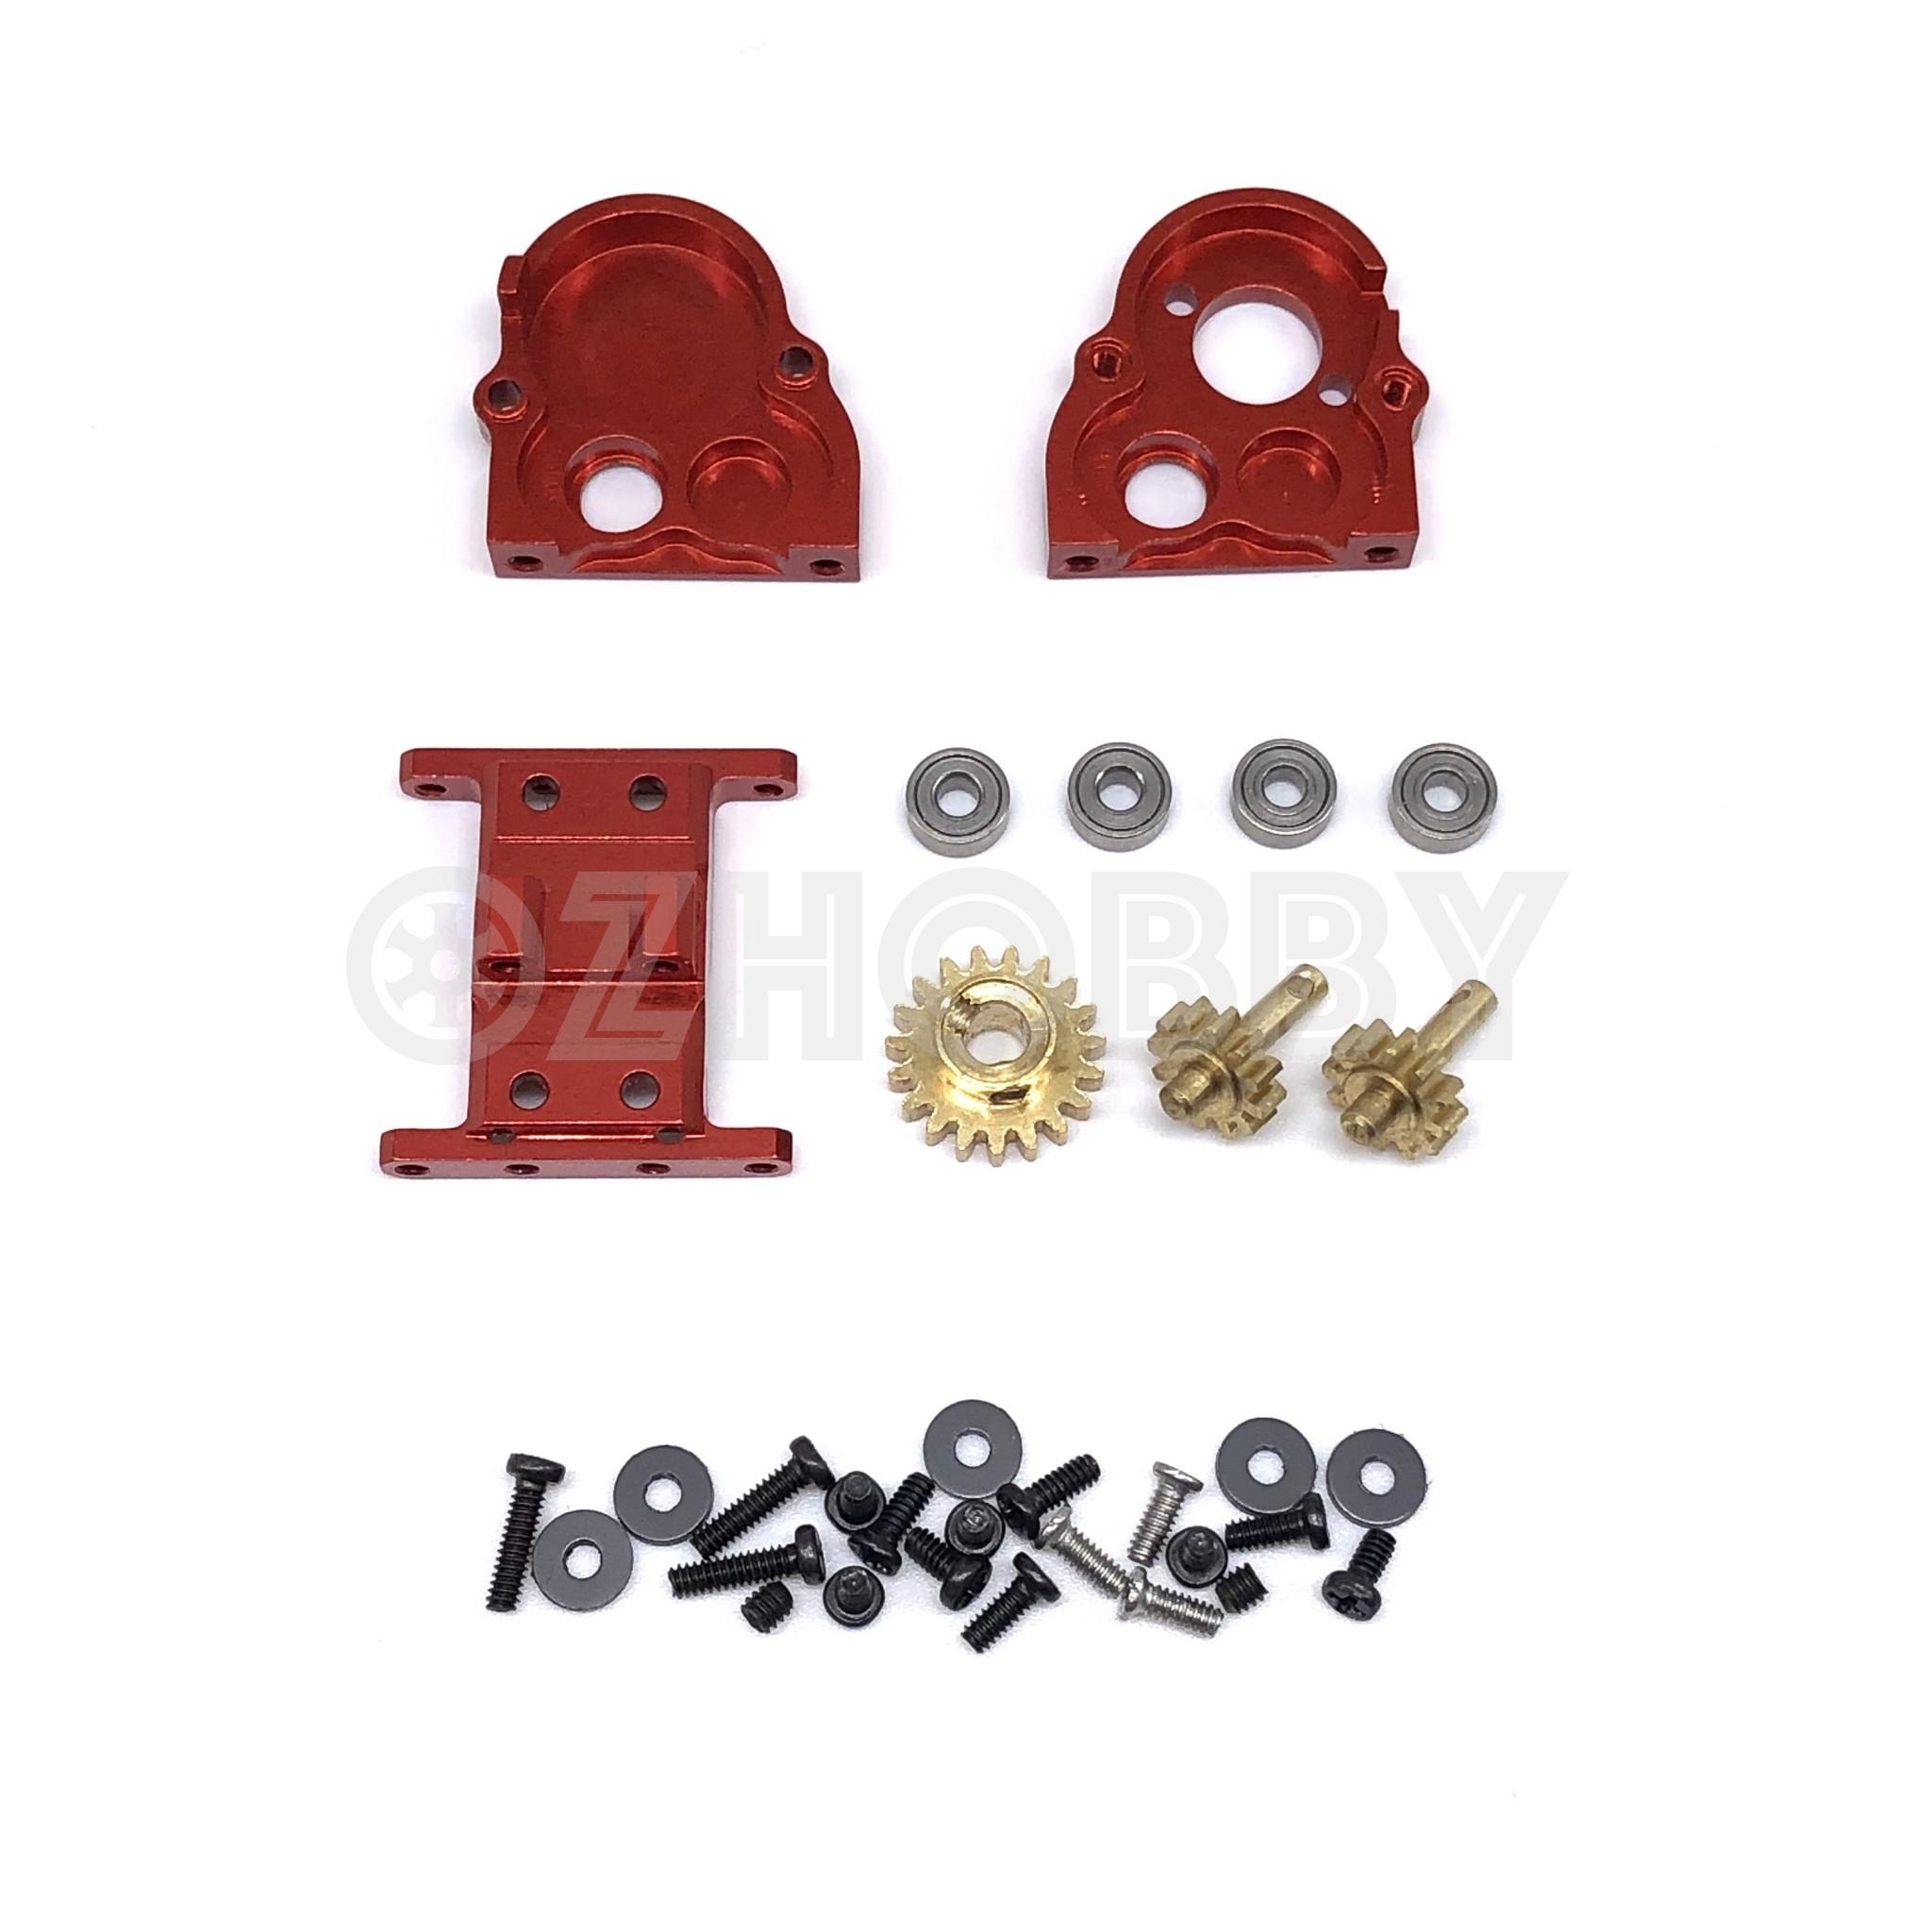 Orlandoo 1//35 Alloy Heavy Duty Umbrella Gear Set For OH35A01 /& MA2-550 #TA0024